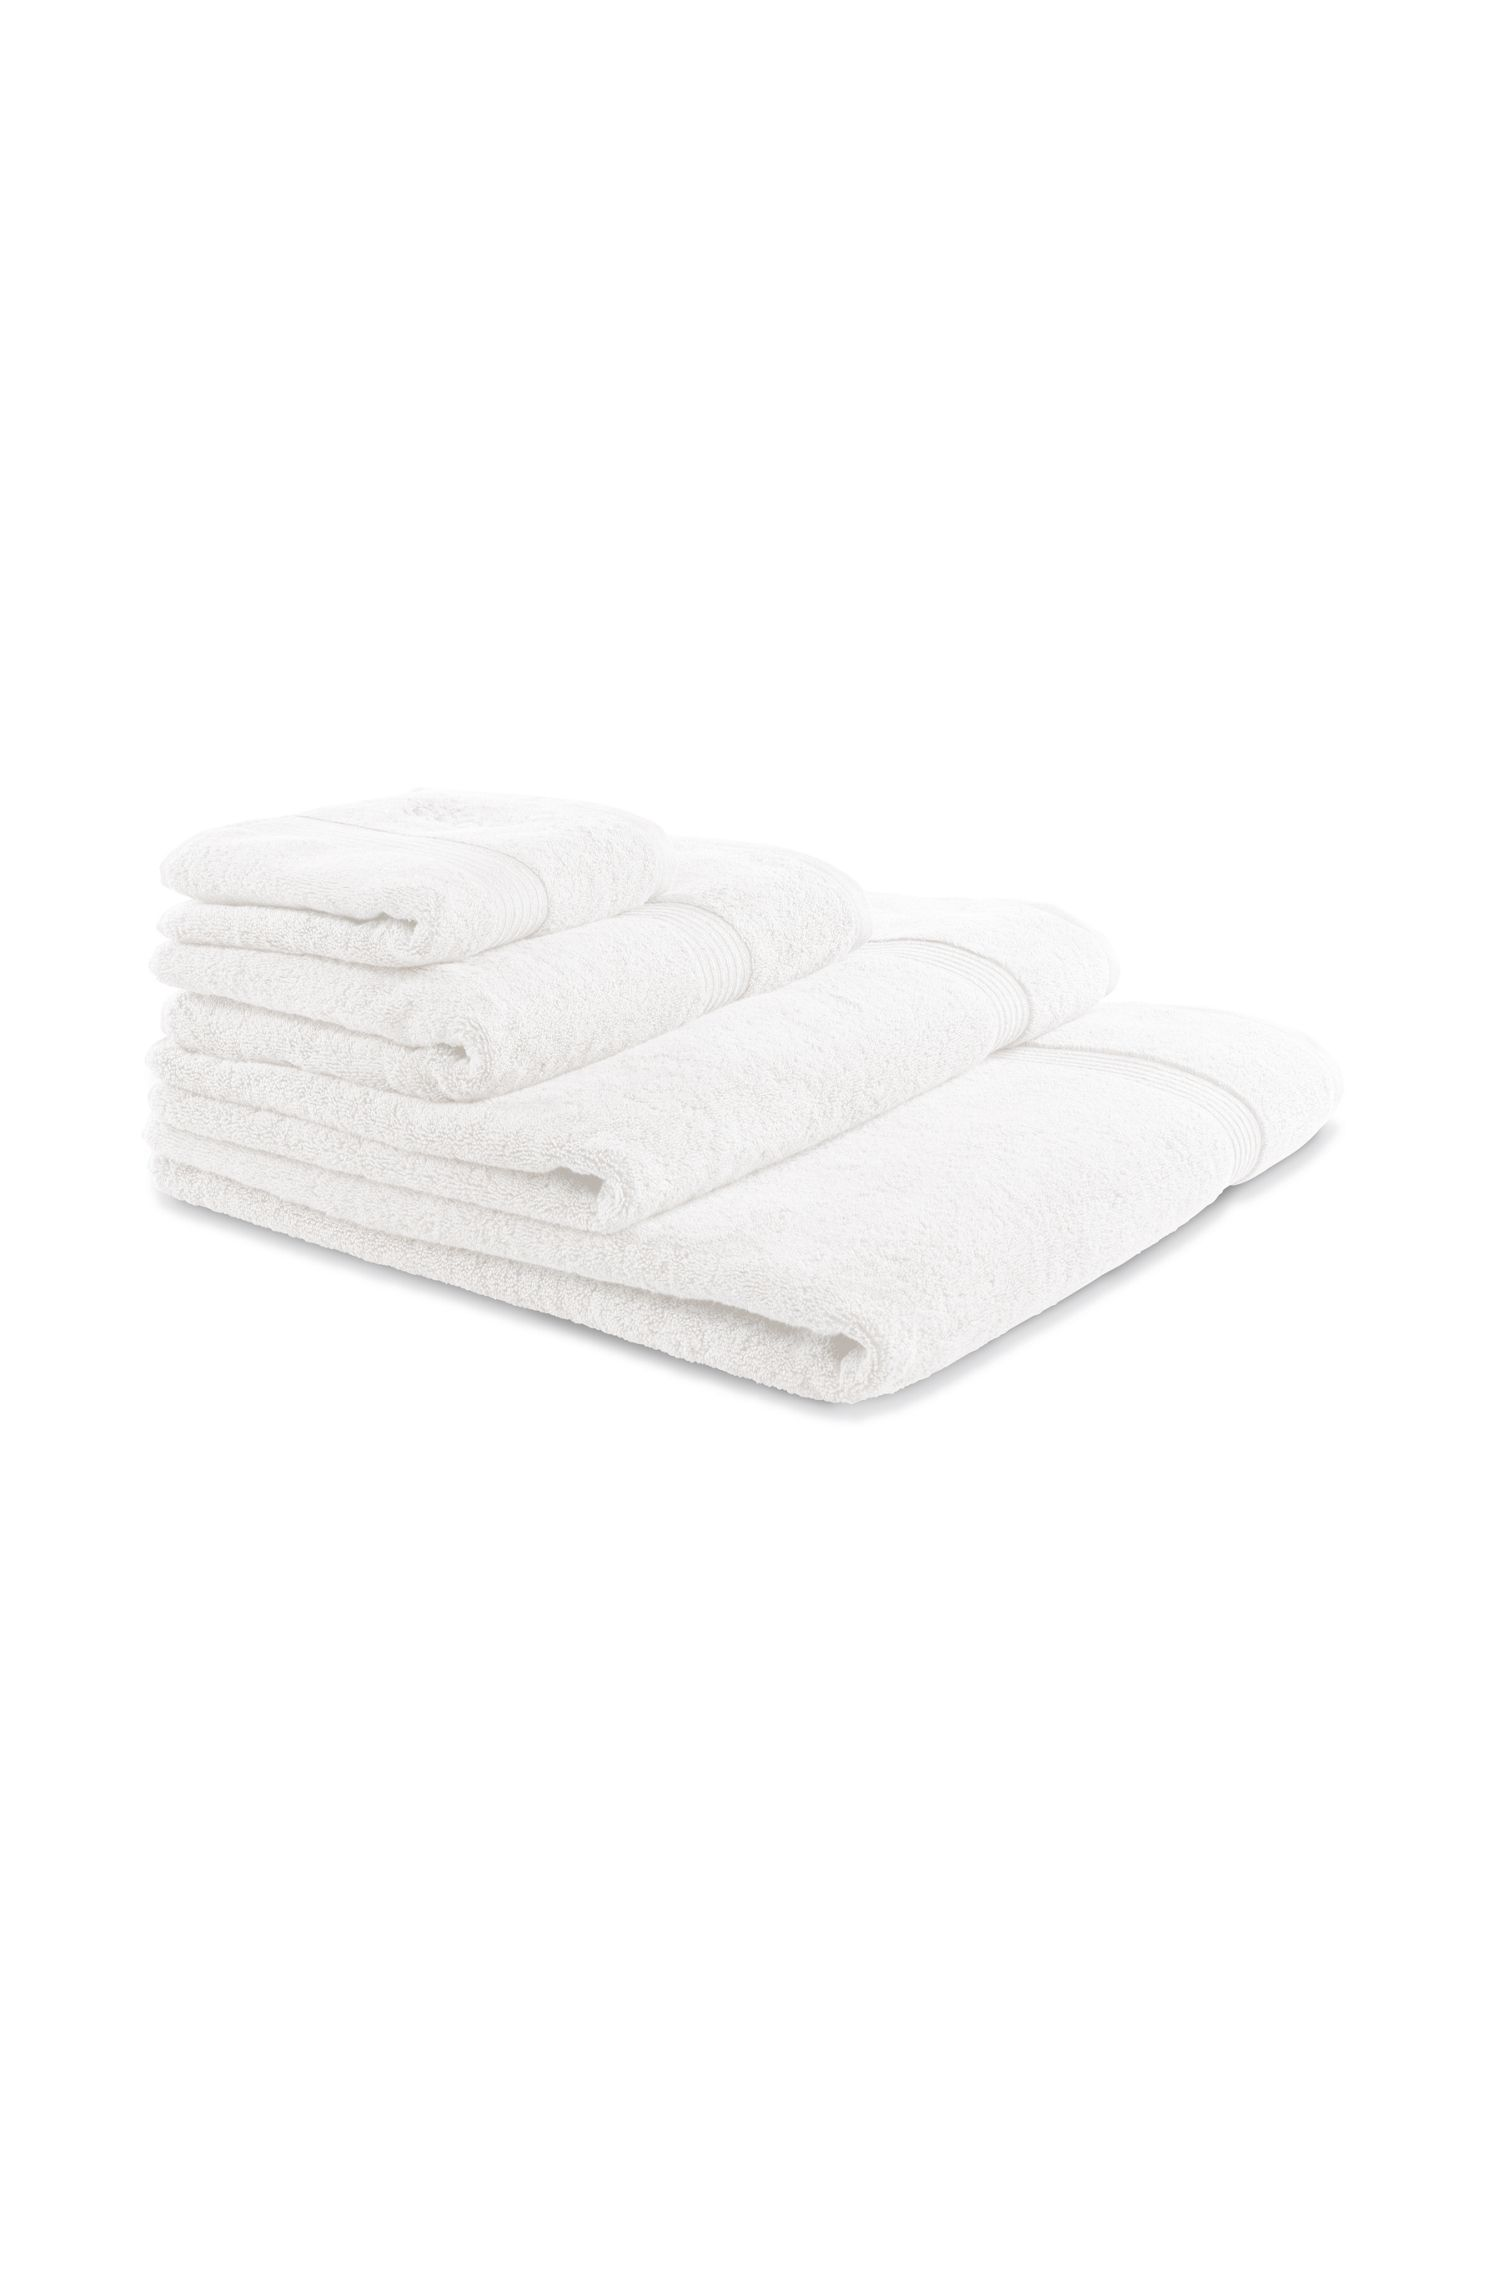 Tappetino da bagno in cotone egeo pettinato con bordo a coste, Bianco